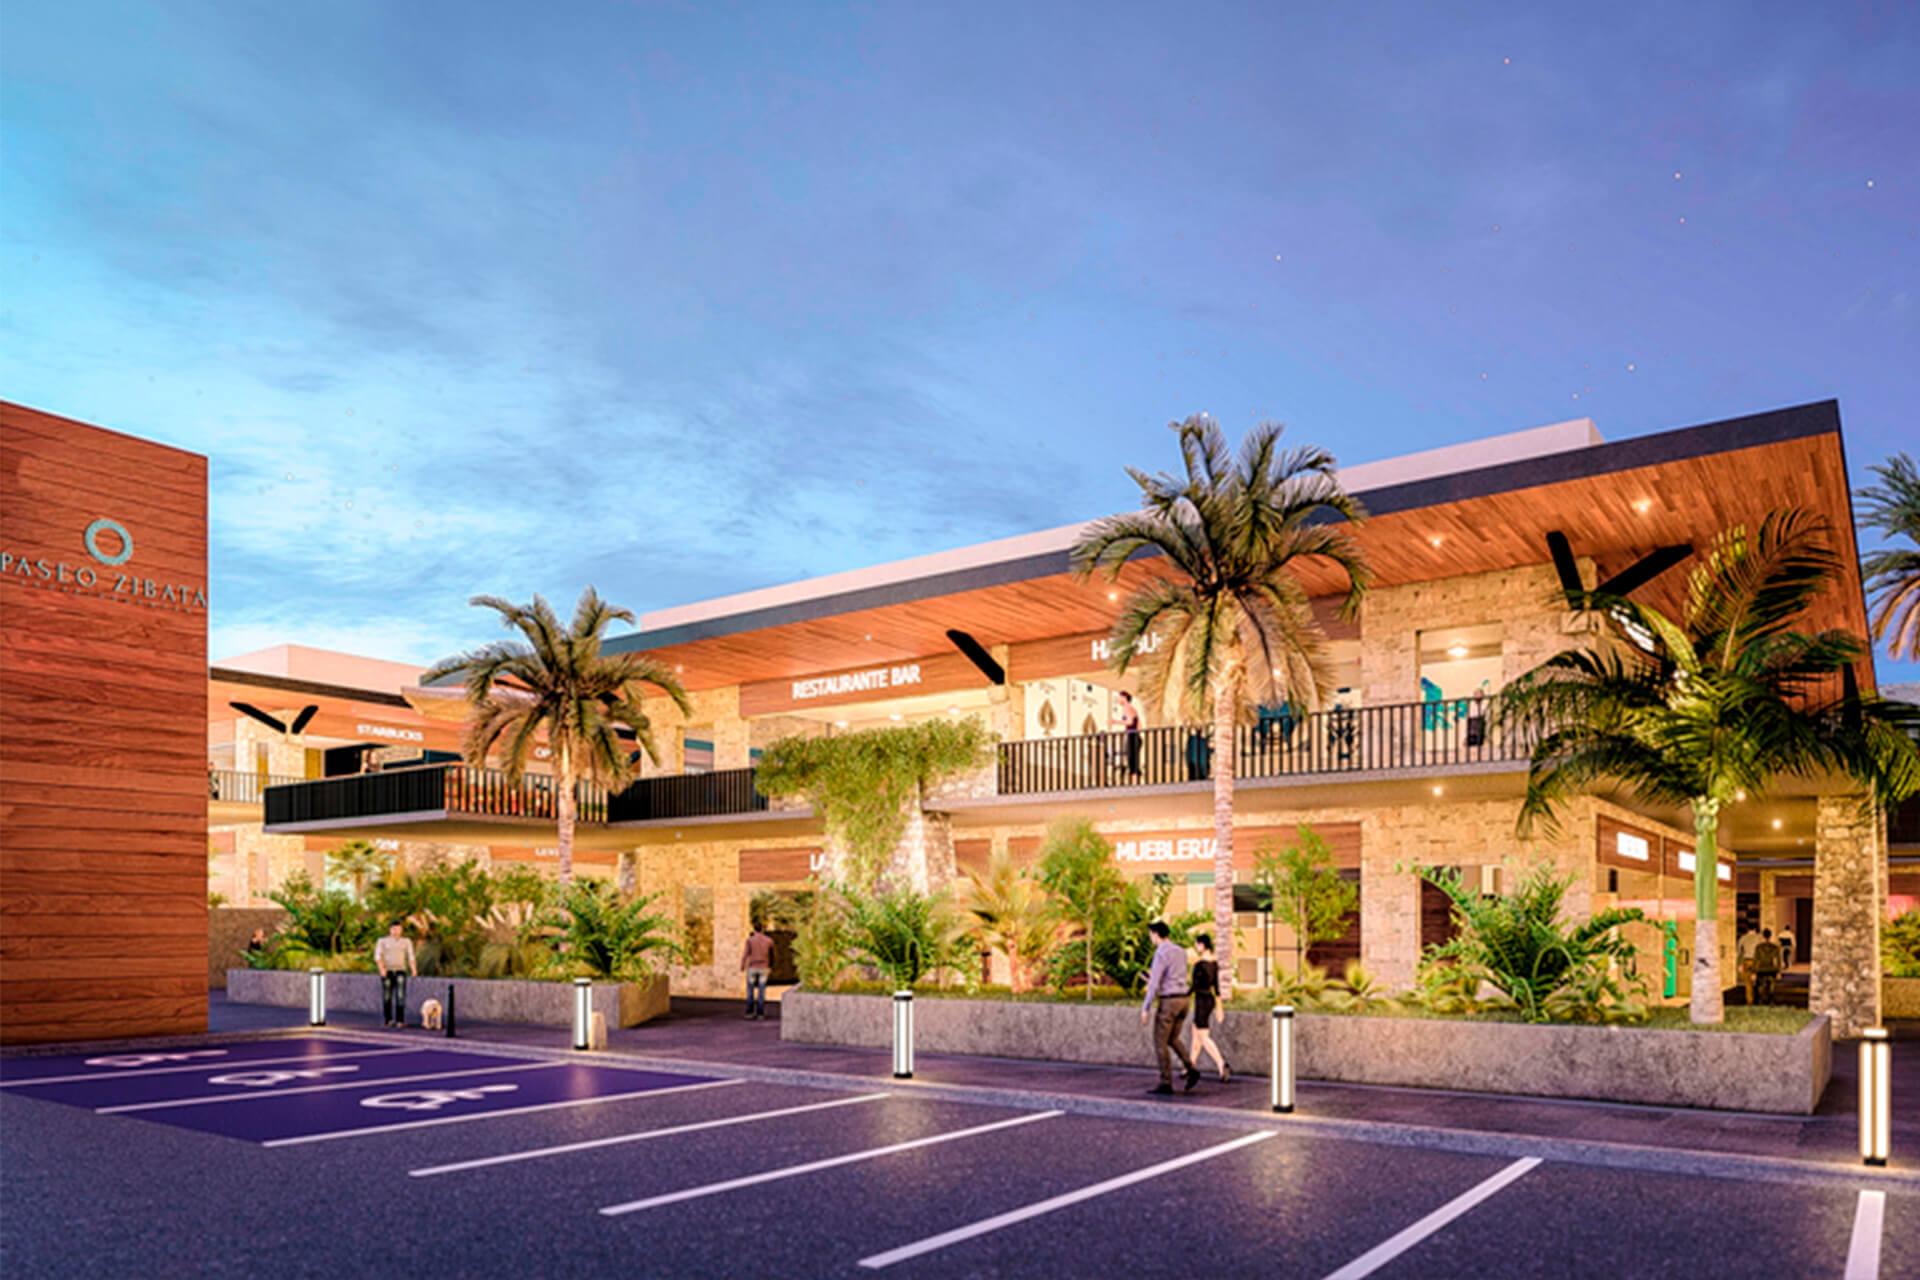 Excelentes zonas comerciales en el interior del desarrollo, por lo que no tienes que desplazarte a otro lado para realizar tus compras.